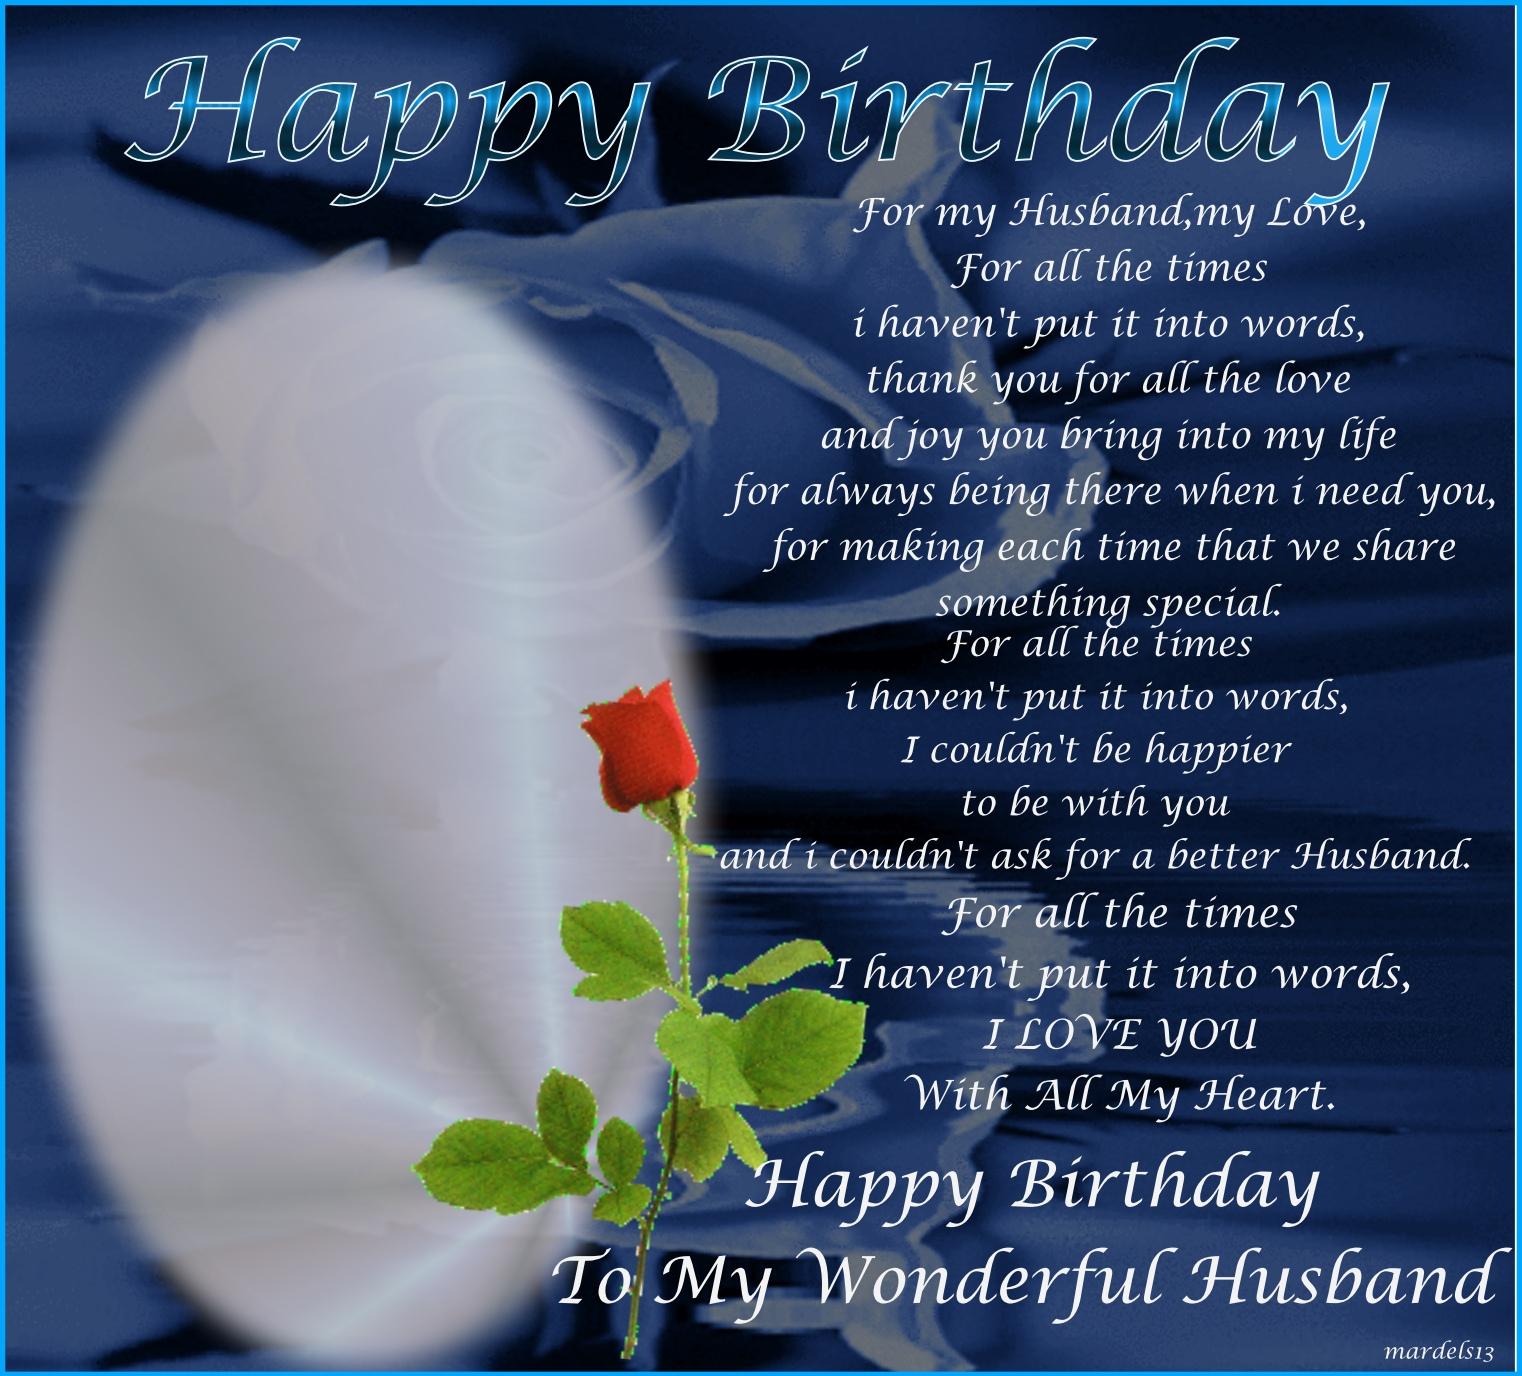 Zostream Birthday Frames For My Husband My Love Mardels13 Birthdays Mardels13